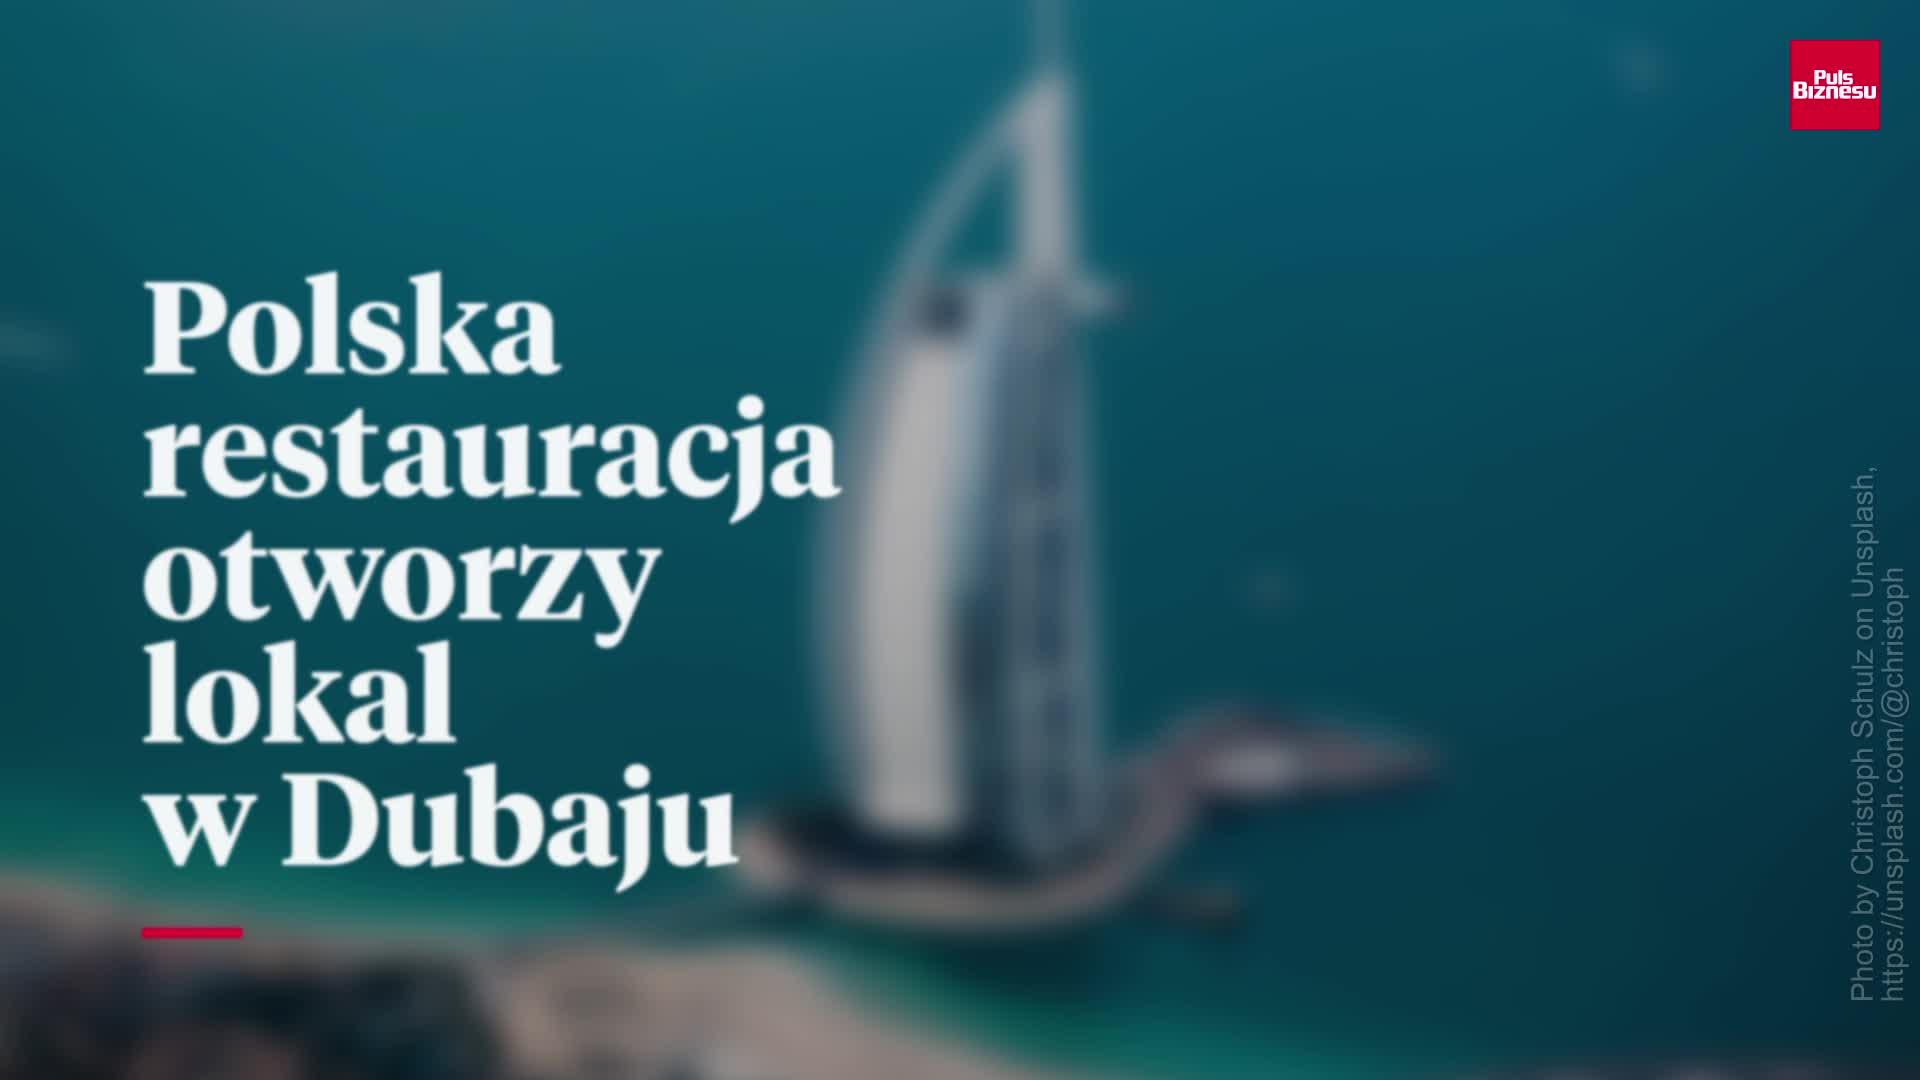 Polska restauracja otworzy lokal w Dubaju